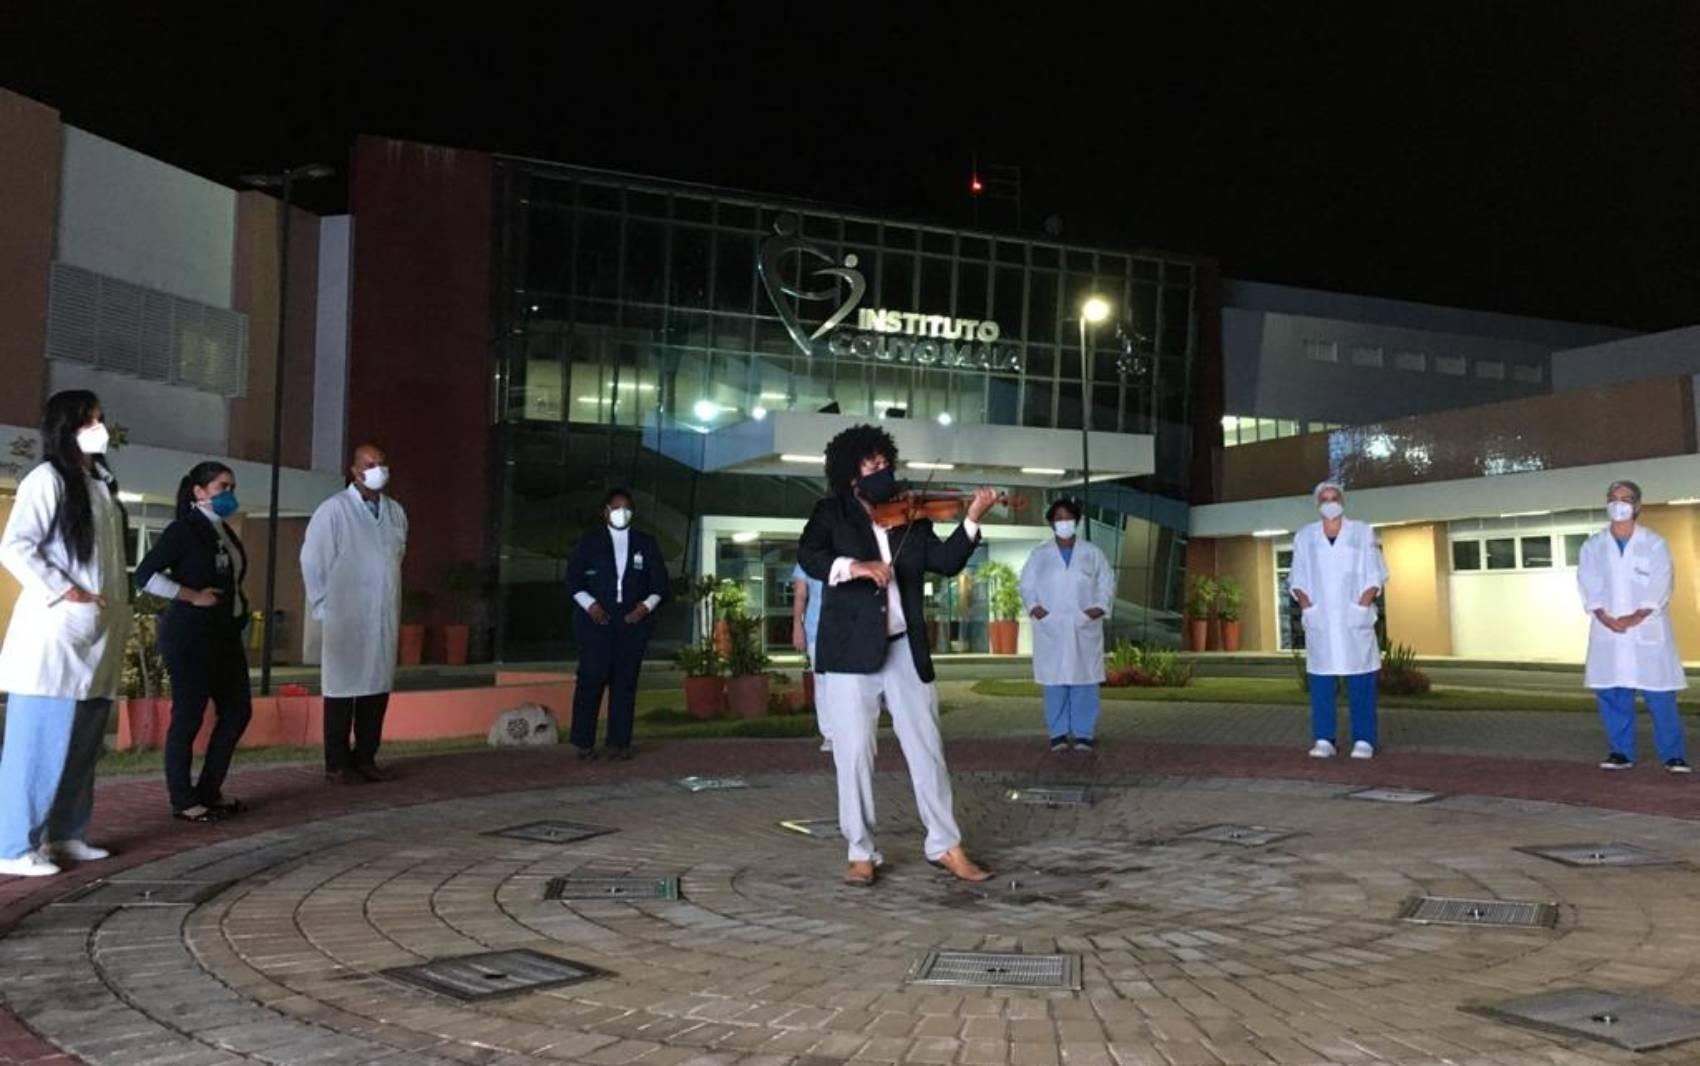 Violinista da Osba faz homenagem aos profissionais de saúde em frente a hospital de Salvador; veja vídeo